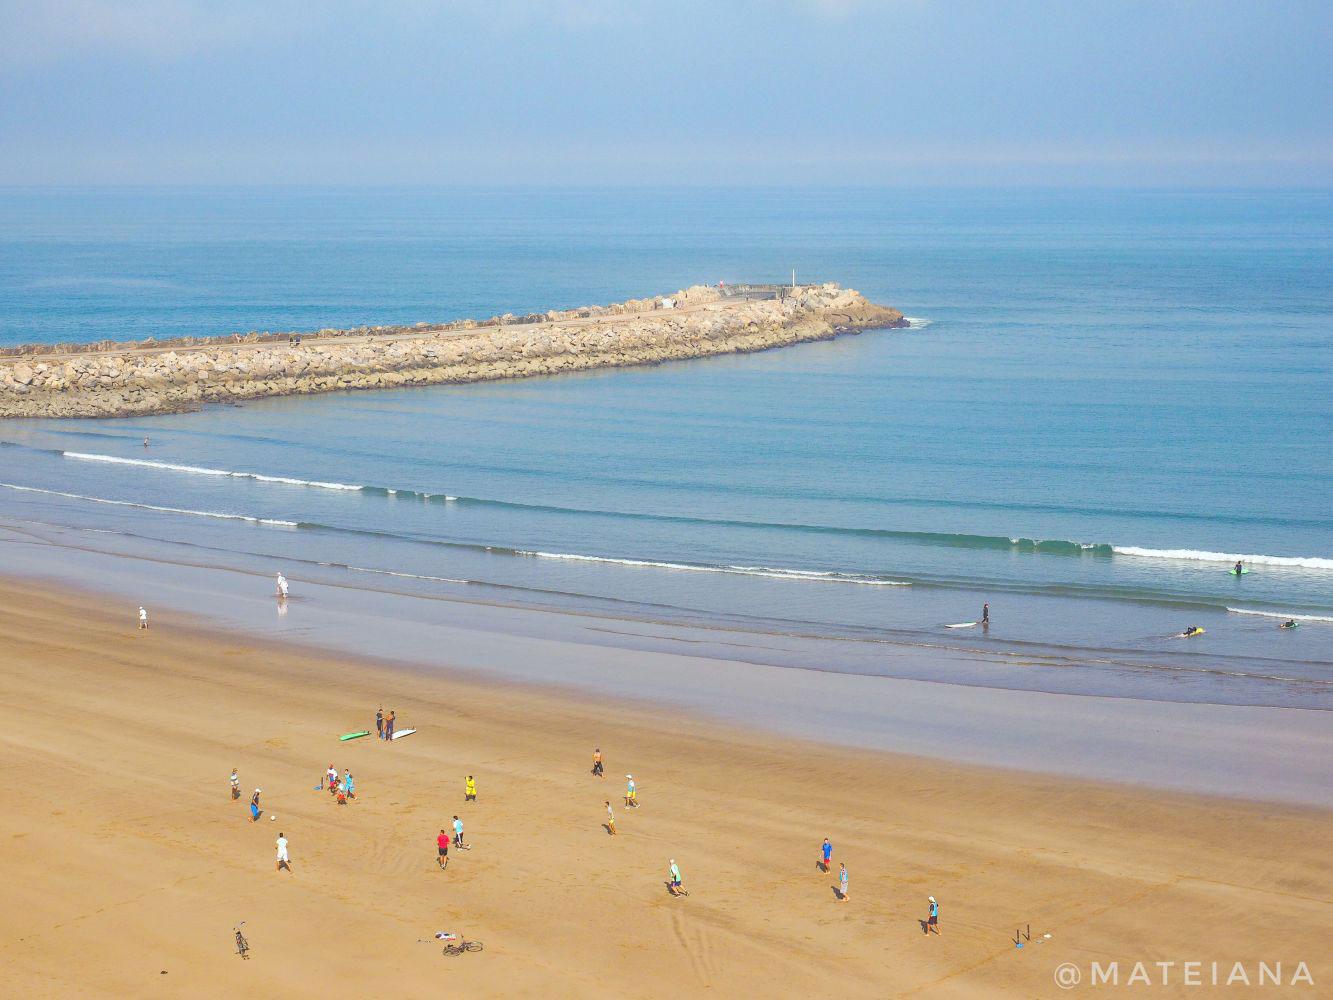 Plage-de-Temara---Rabat,-Morocco